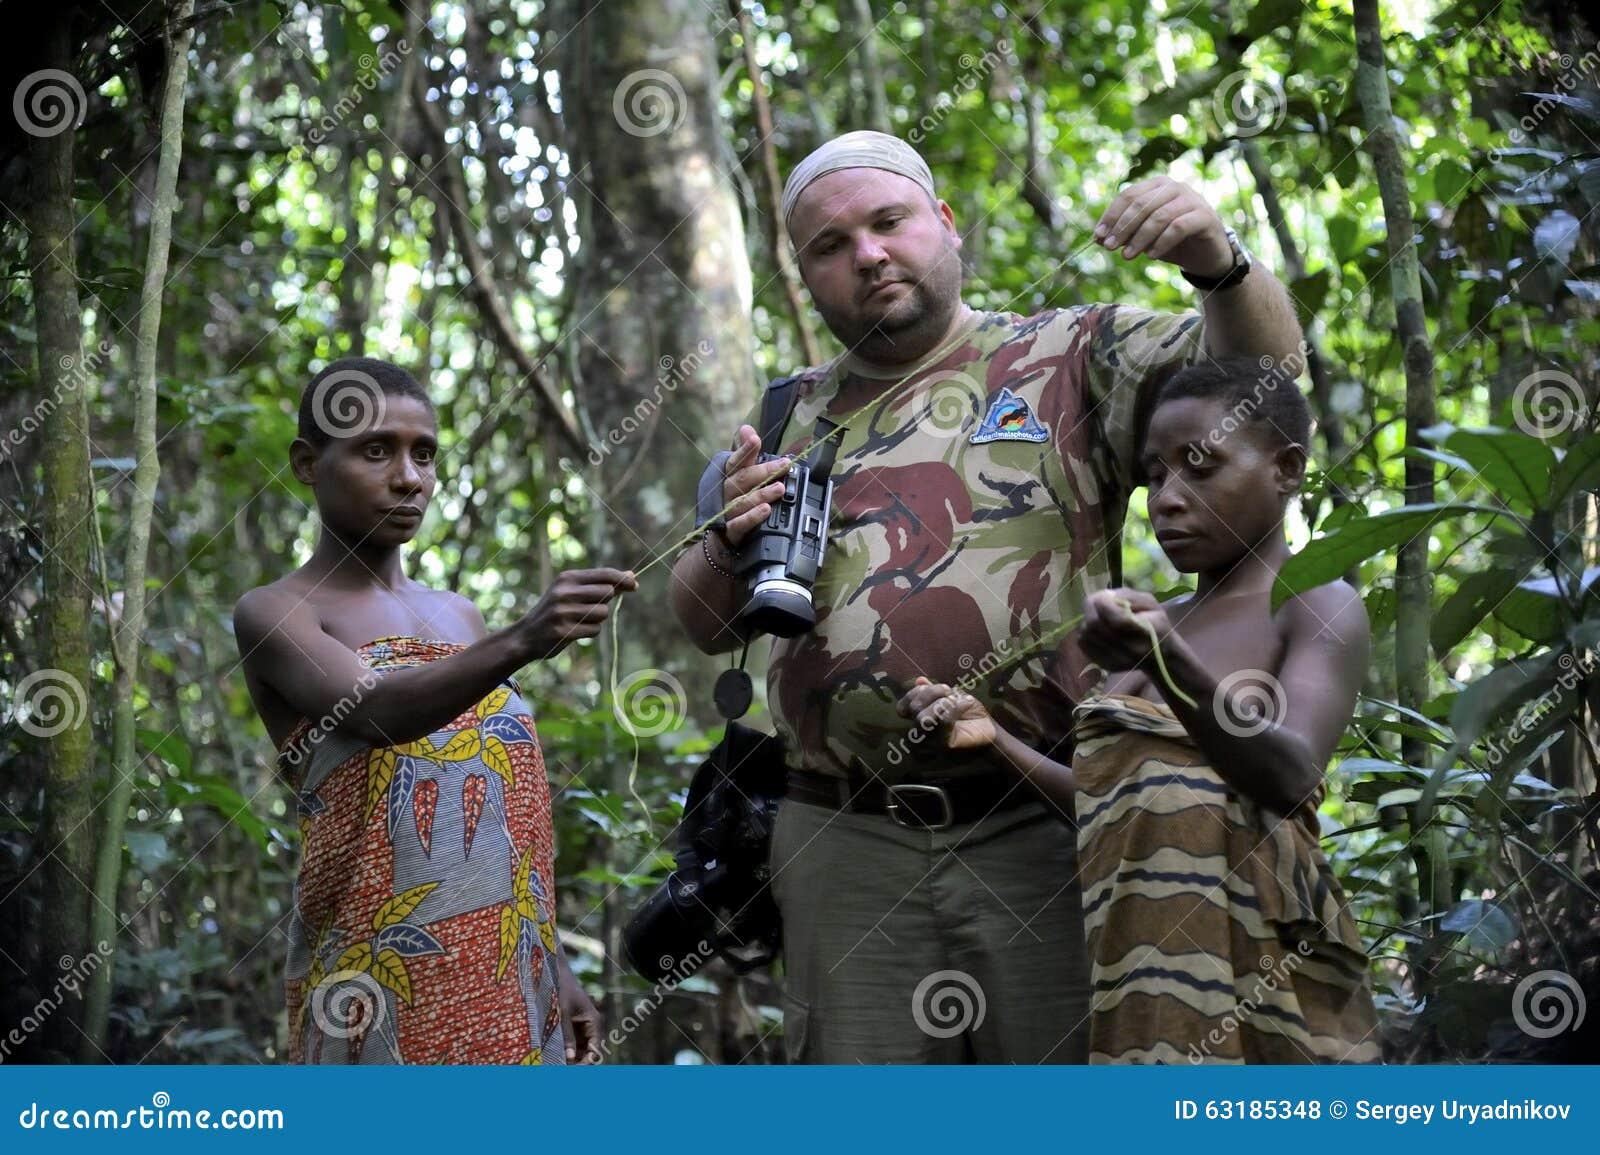 white man tribe girl